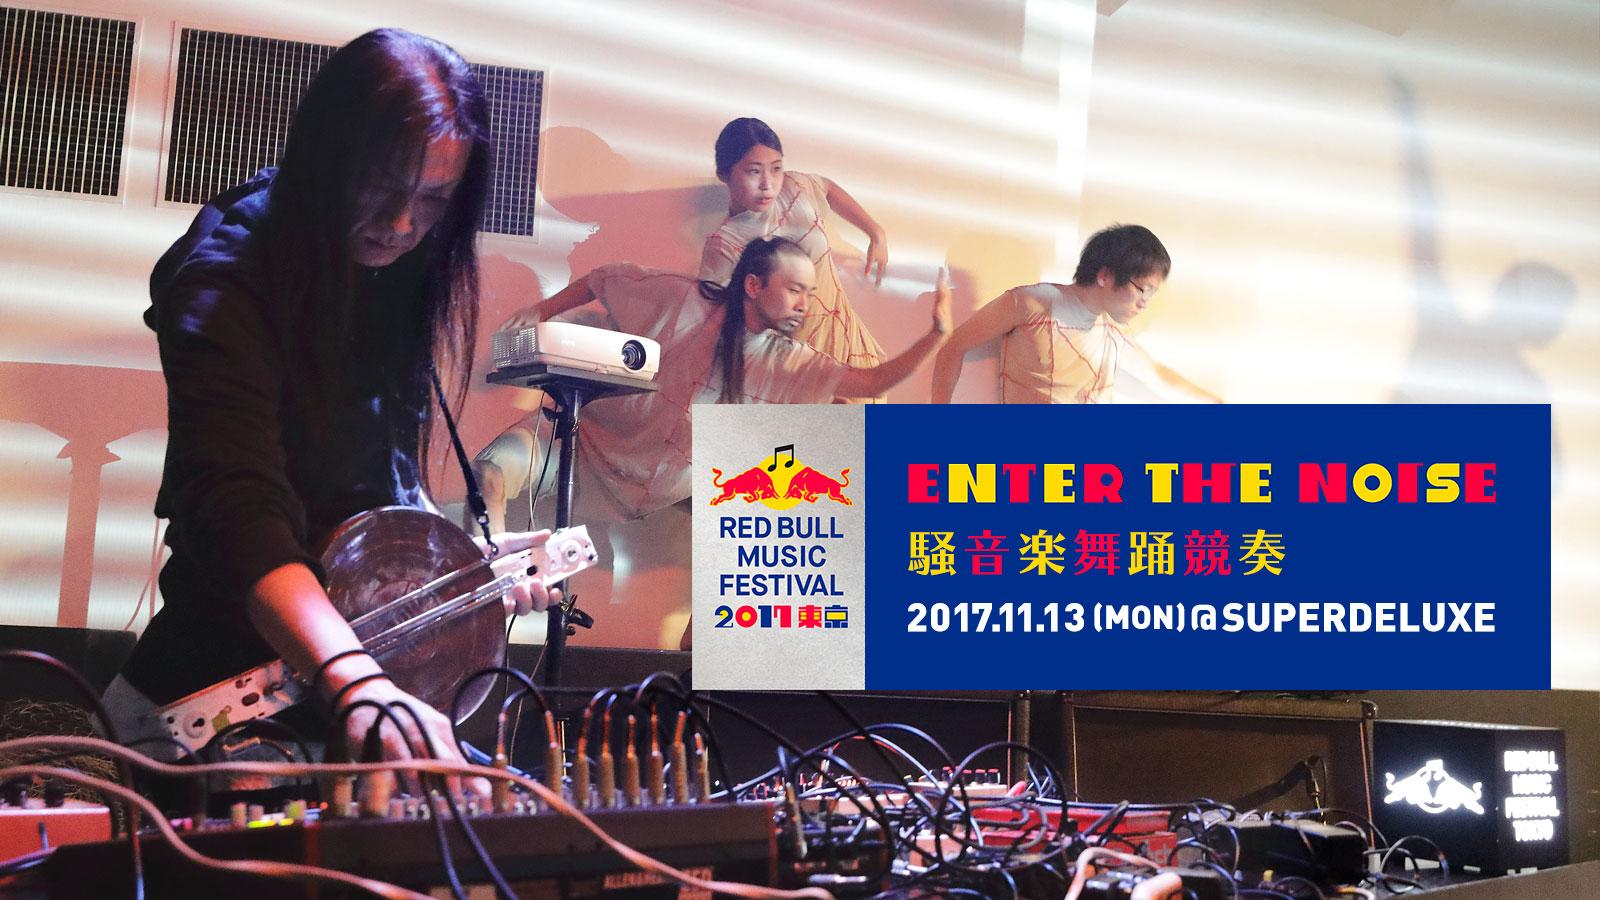 RED BULL MUSIC FESTIVAL ENTER THE NOISE 騒音楽舞踊競奏